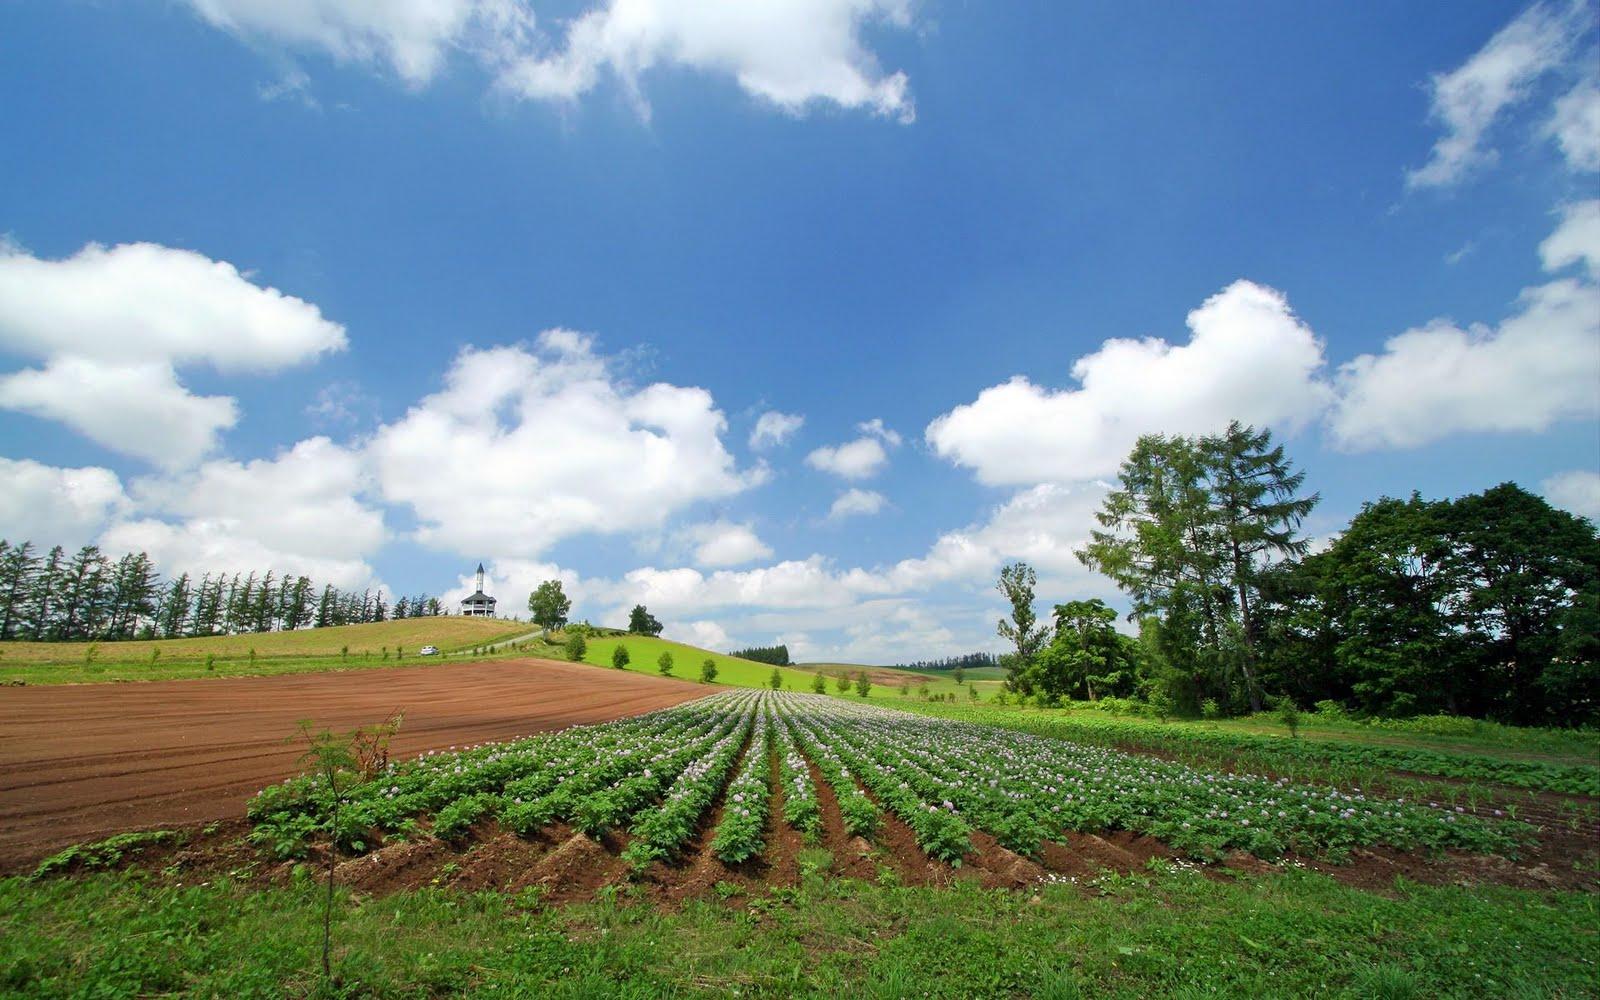 japan hokkaido landscape image - photo #11